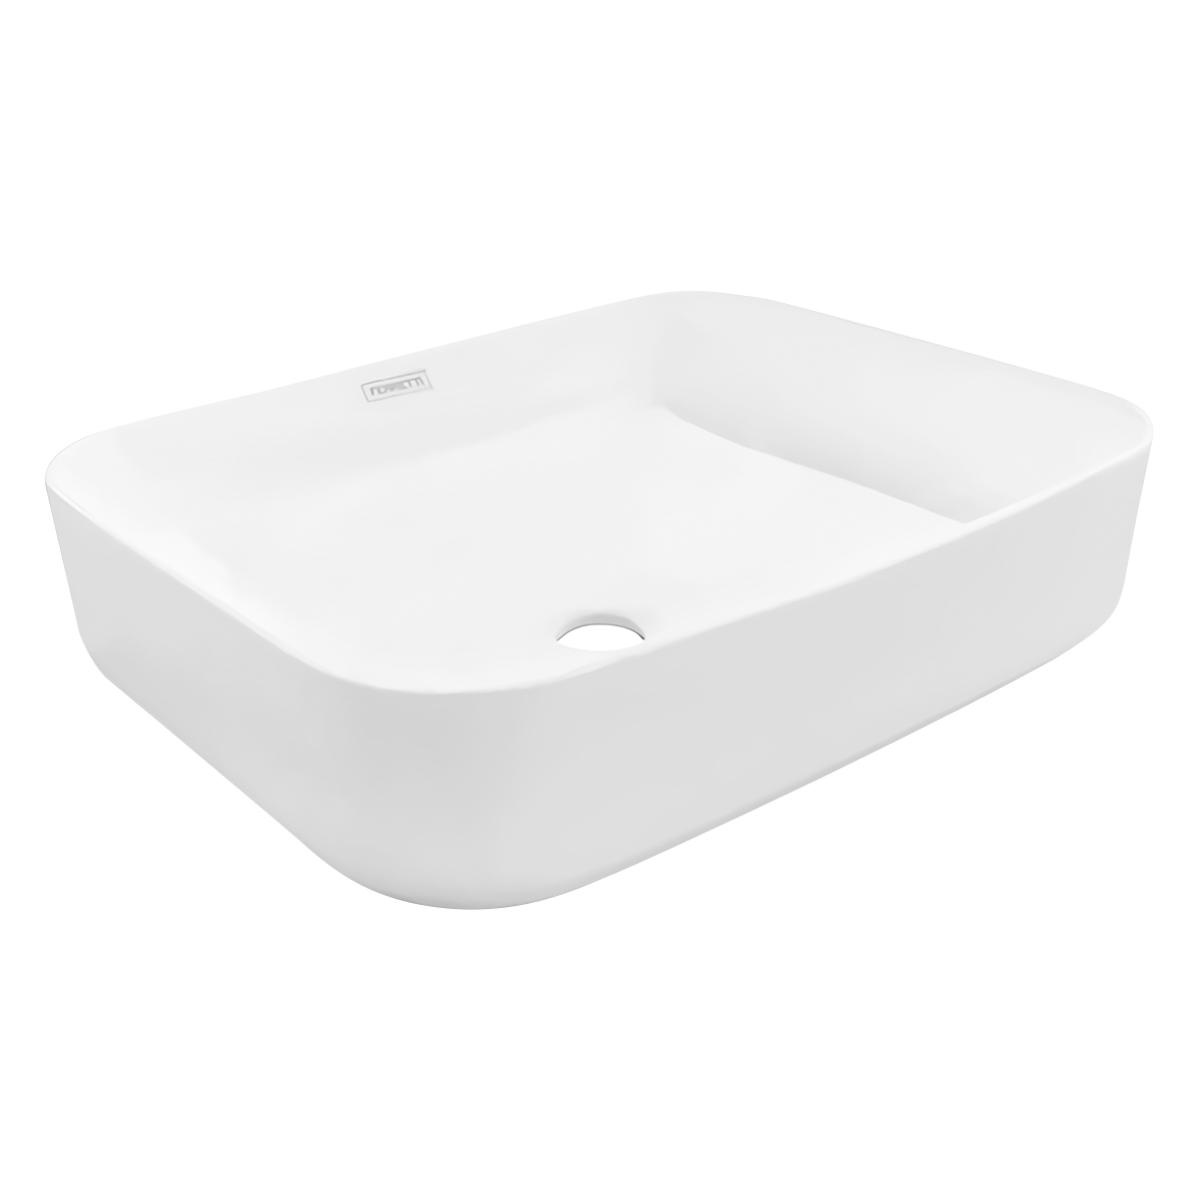 Bowl Hermes Slim 50 Para Sobreponer - Blanco